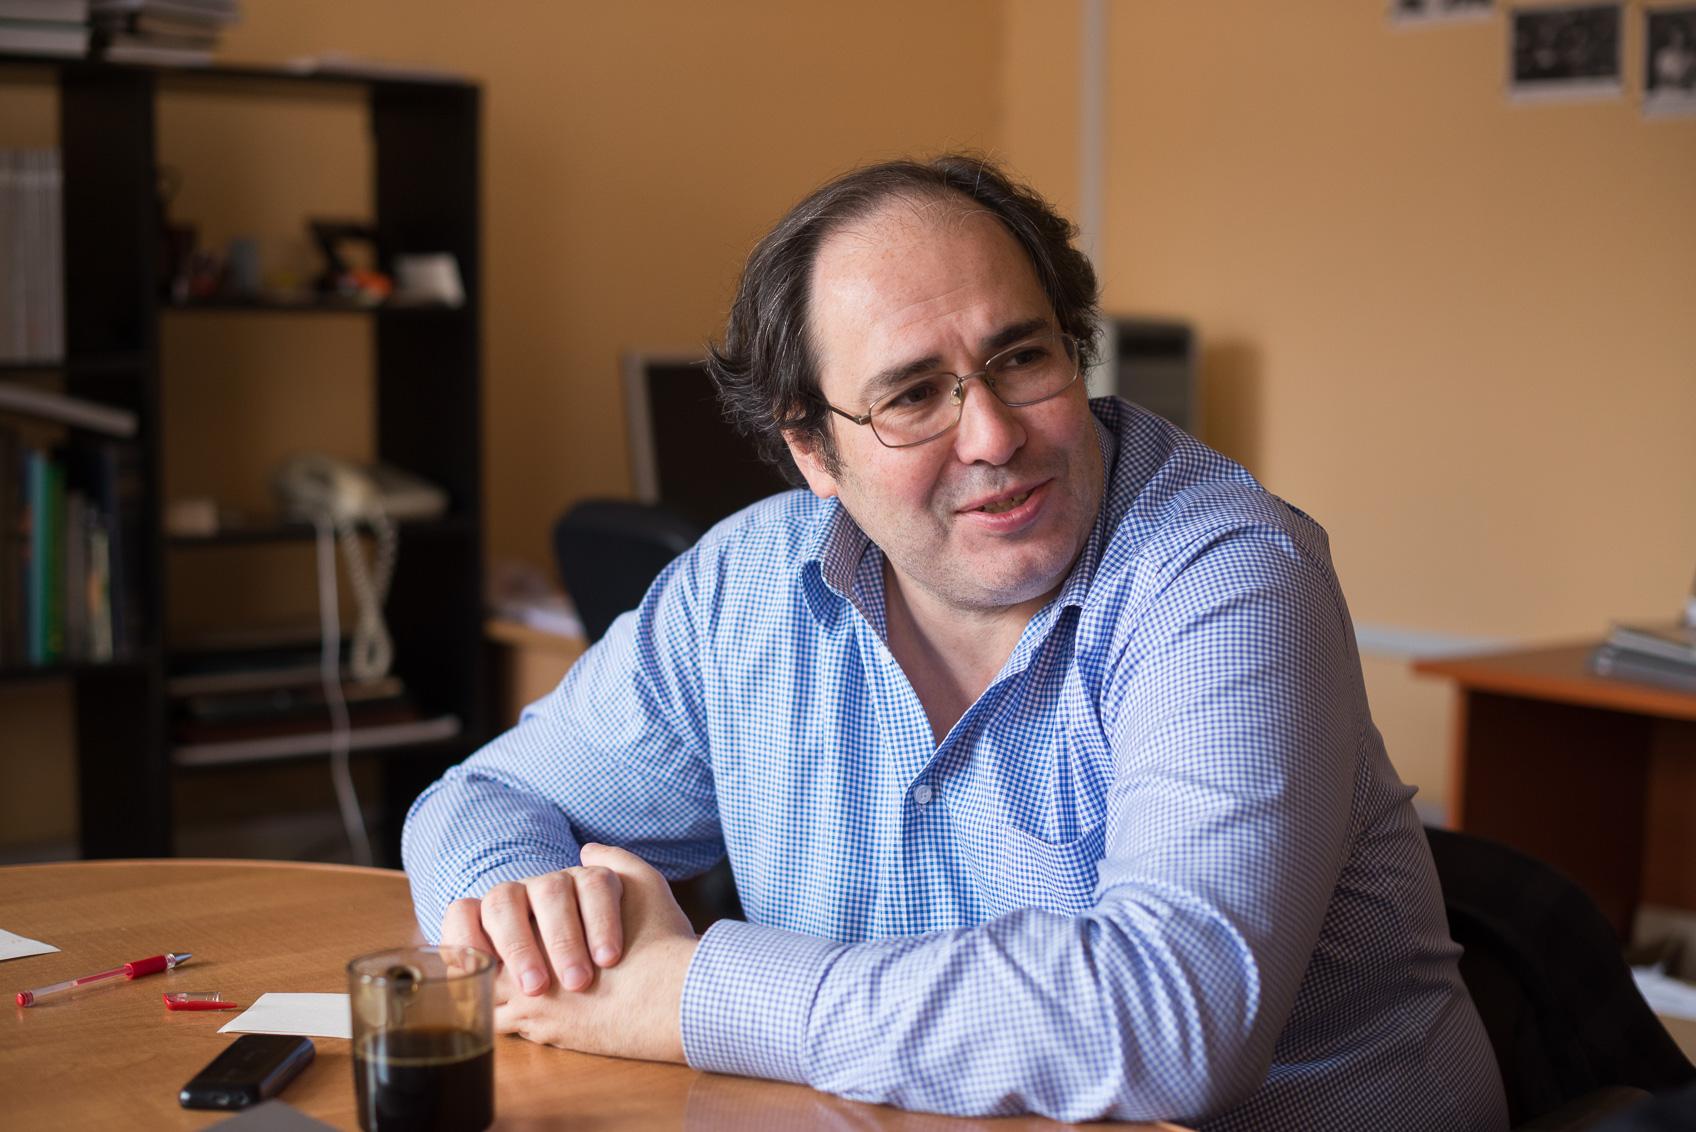 Главред «Литературной газеты» рассказал о преимуществах бумажных СМИ перед блогами